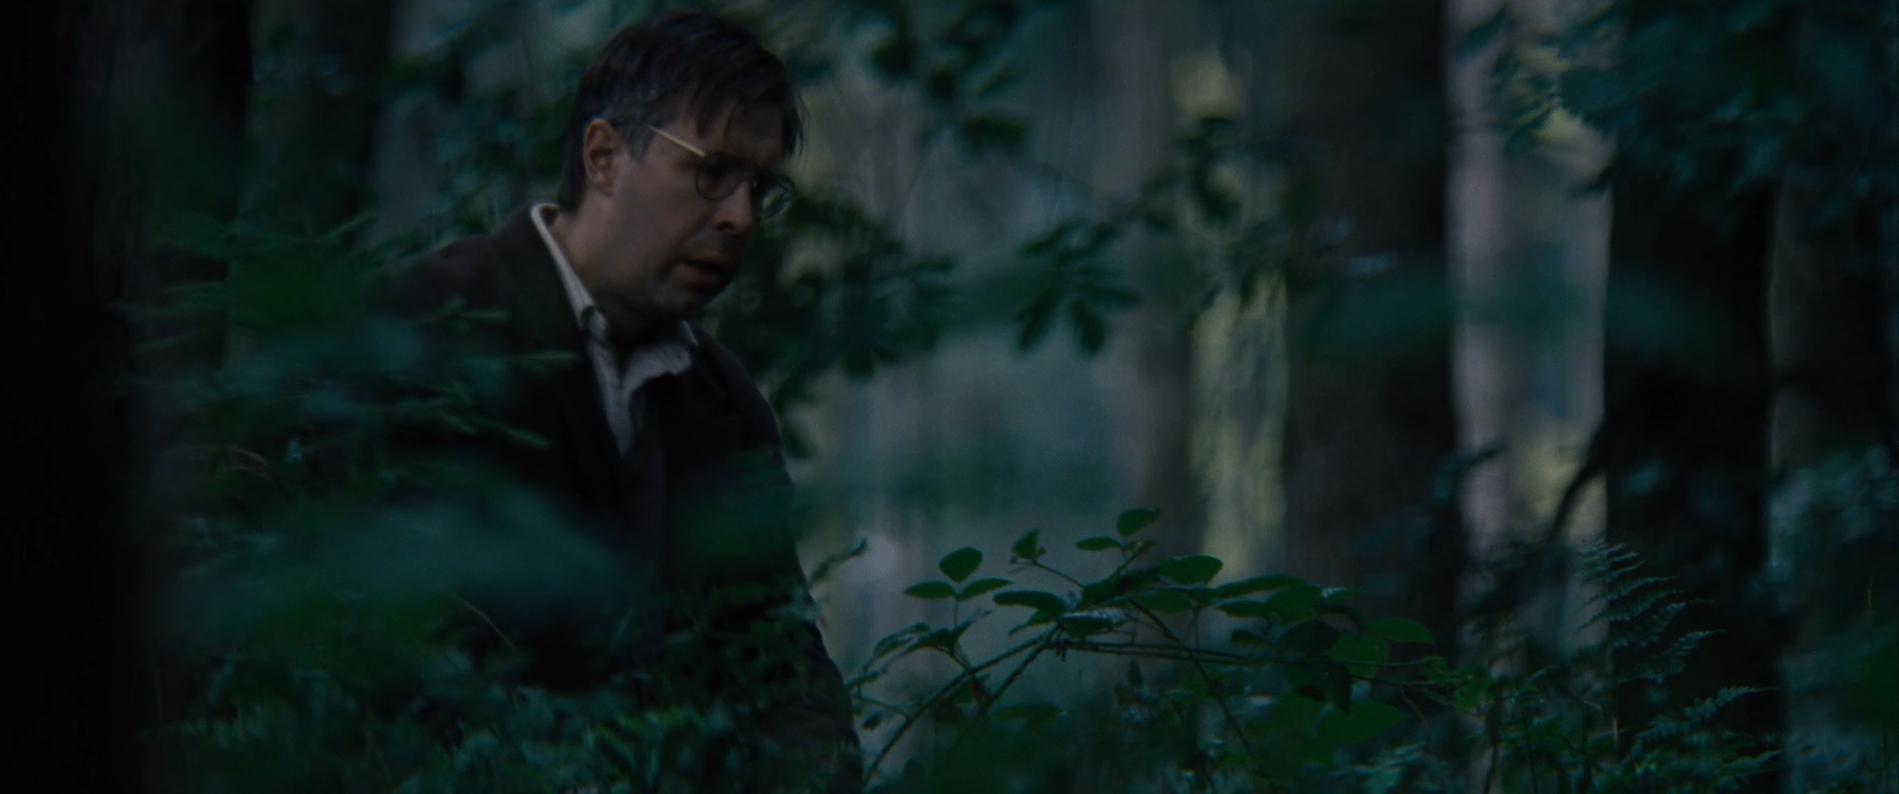 Кадр из фильма «Номер 44» (2014) - кающийся Чикатило